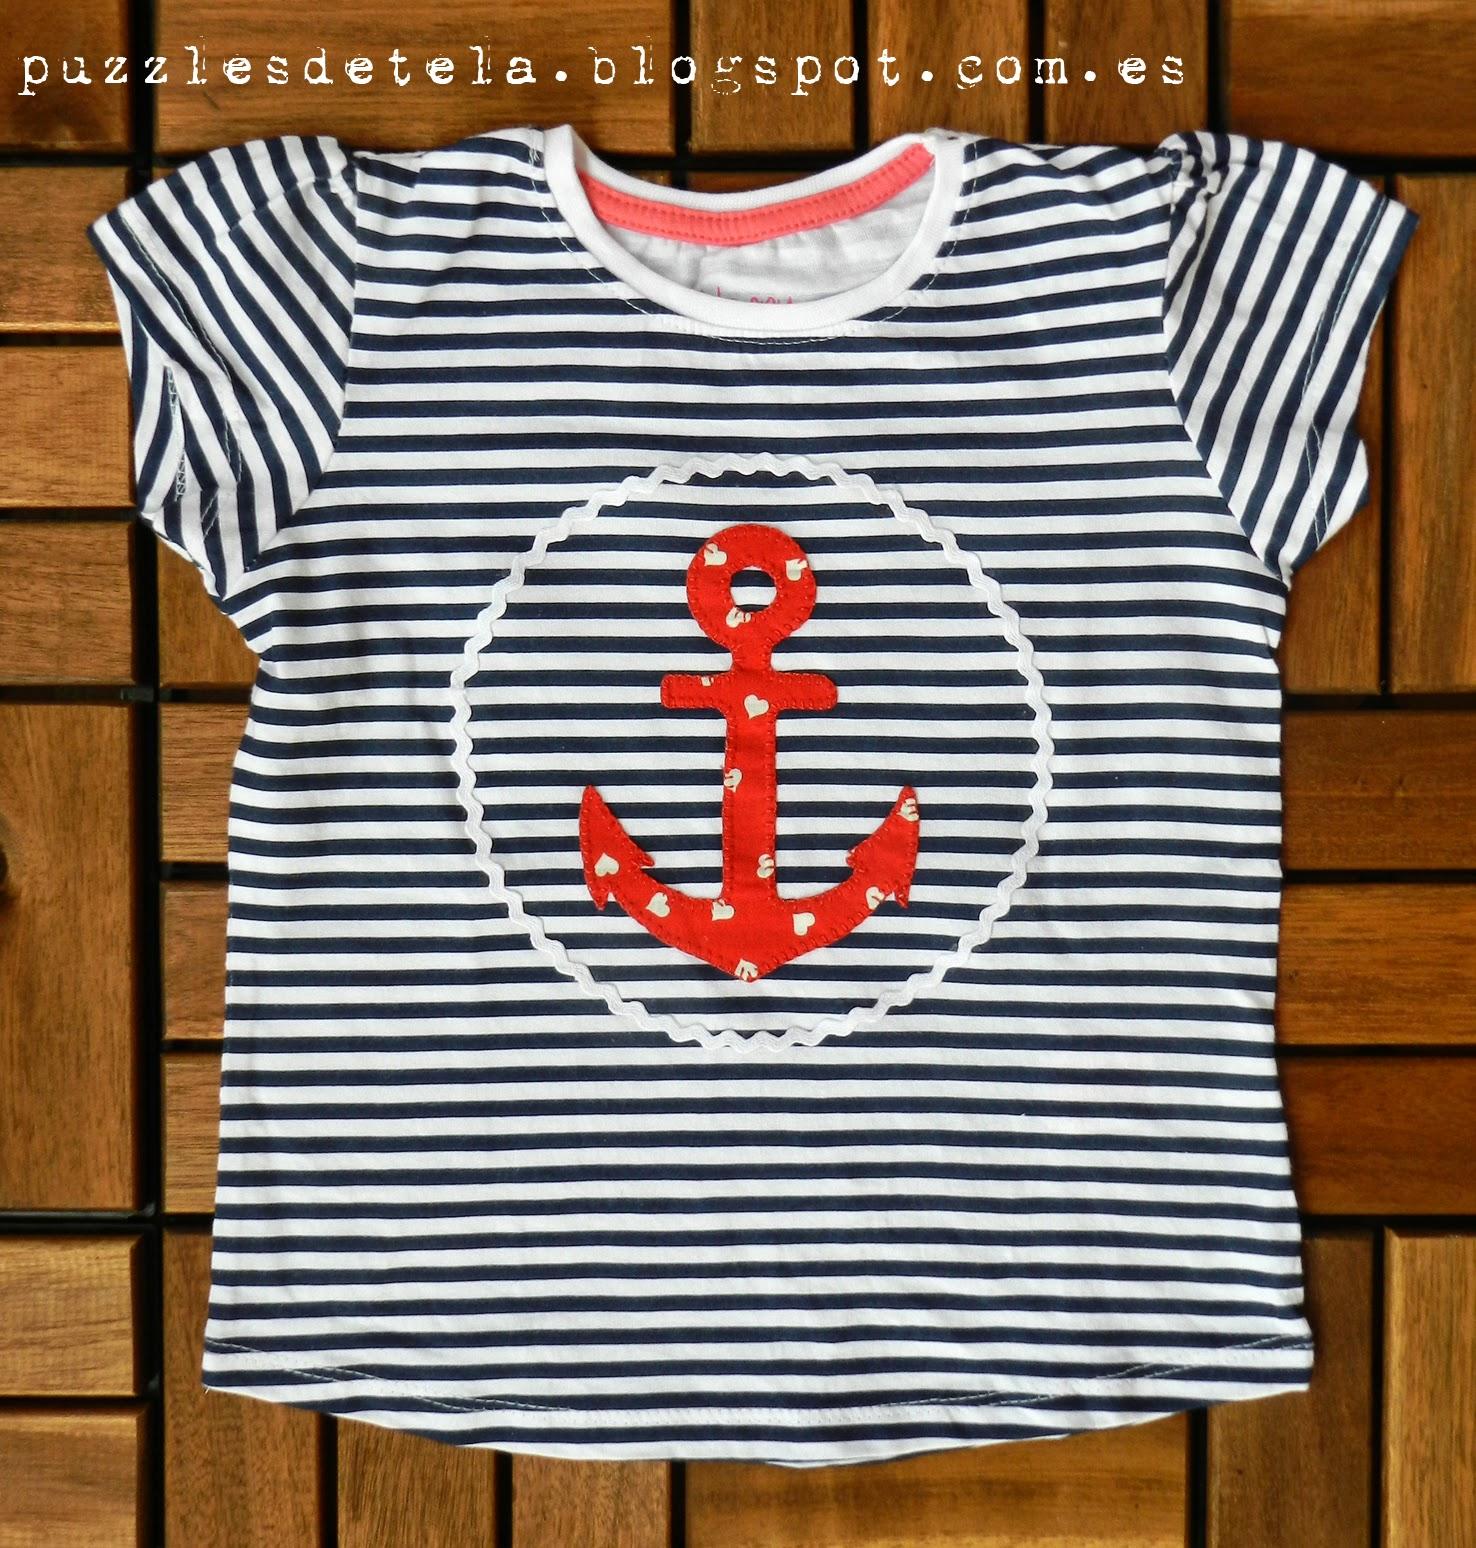 camisetas, camisetas niña, camiseta patchwork, ancla, patchwork, aplicaciones, aplicaciones patchwork, camiseta niña verano, camiseta verano, camiseta con aplicaciones de patchwork, vacaciones, verano